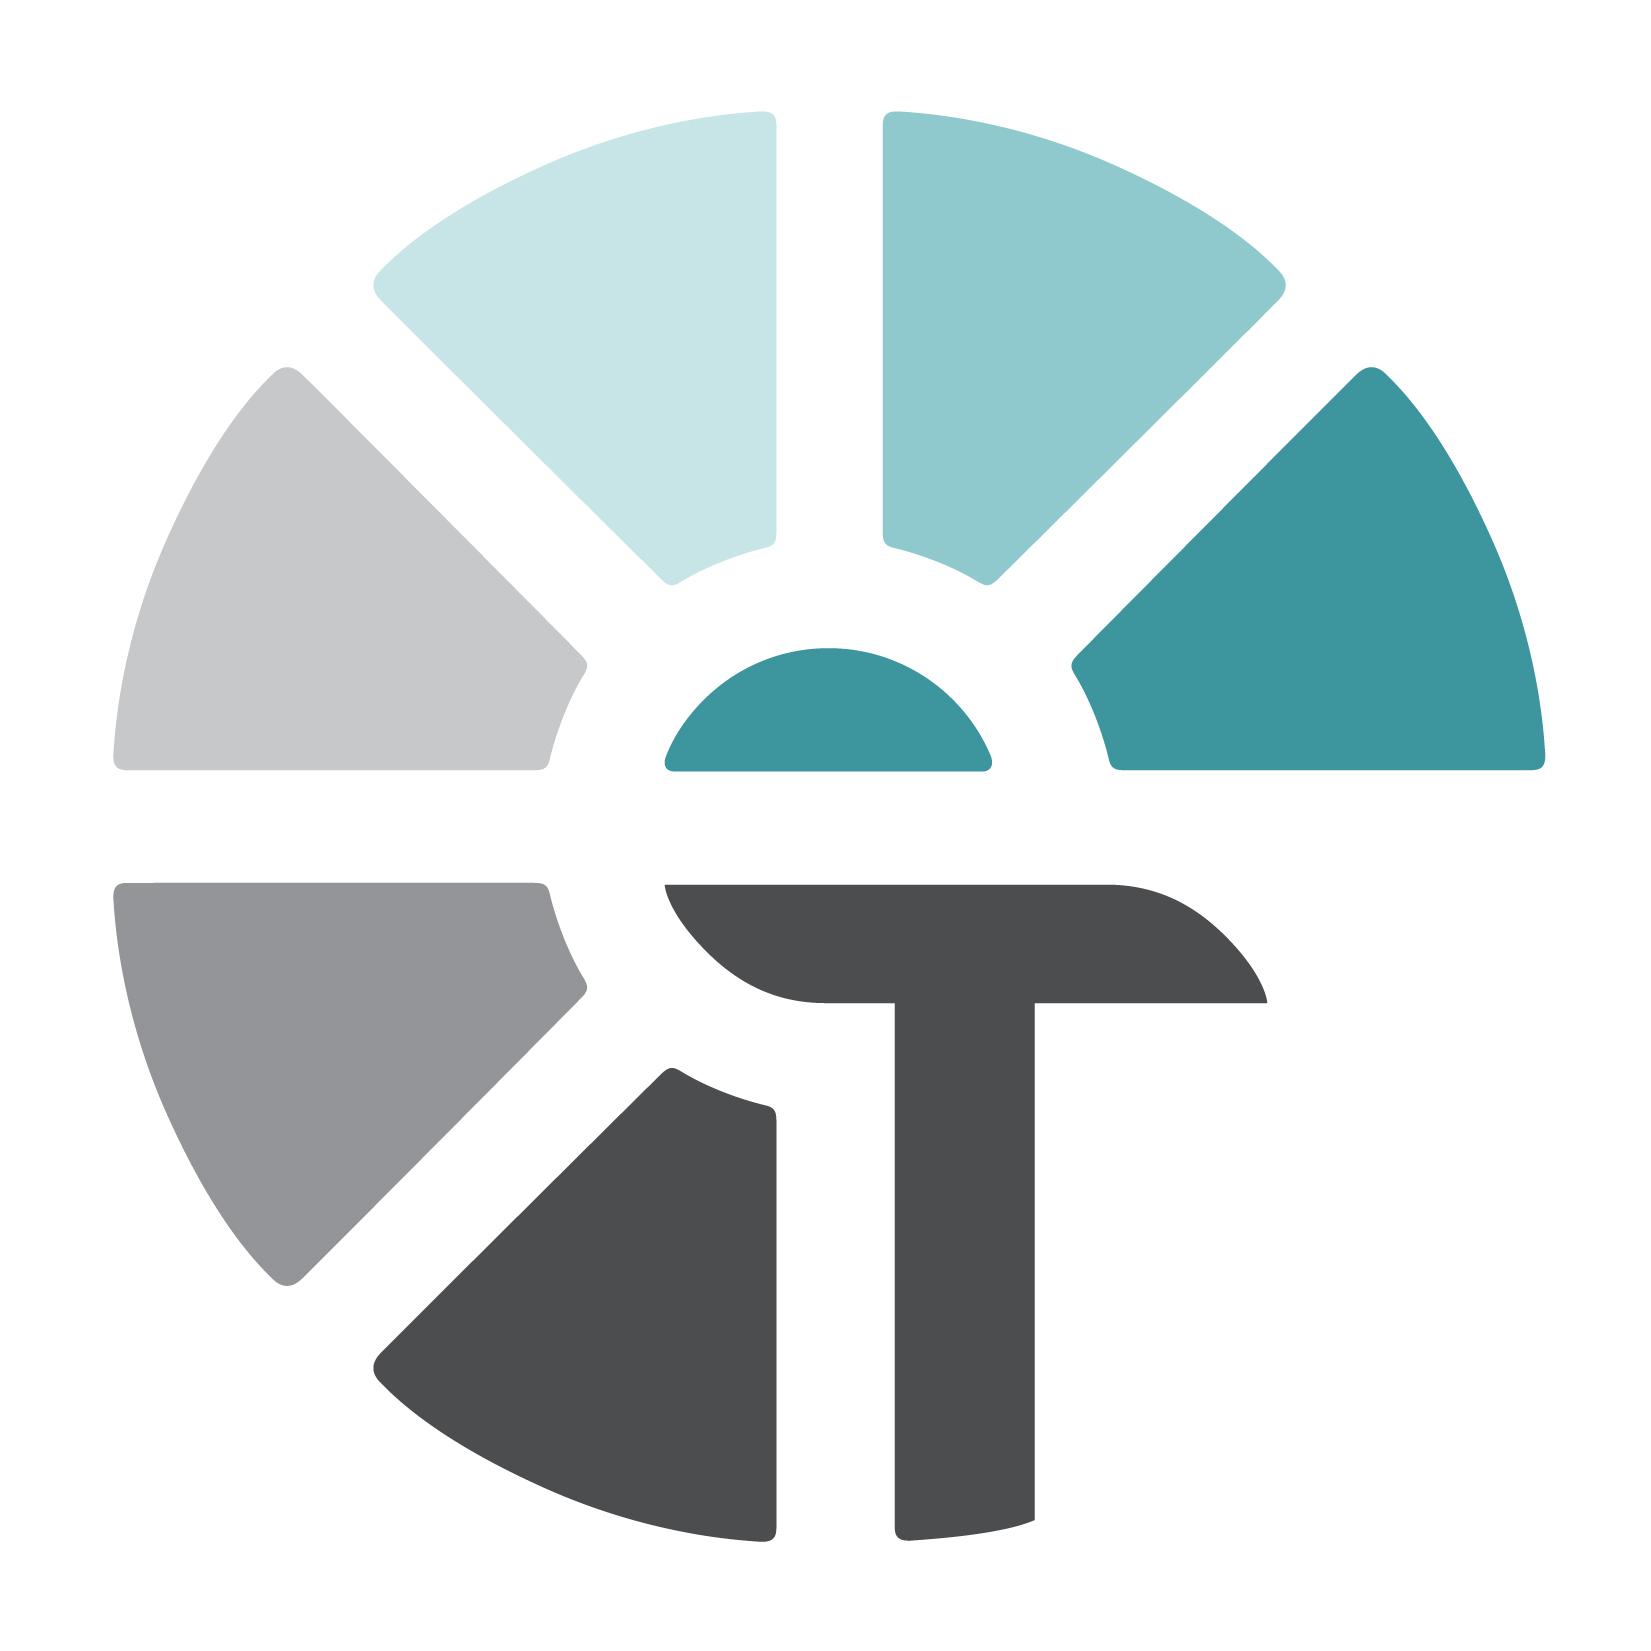 Trevett's: Design. Print. Mail. on LogoLounge